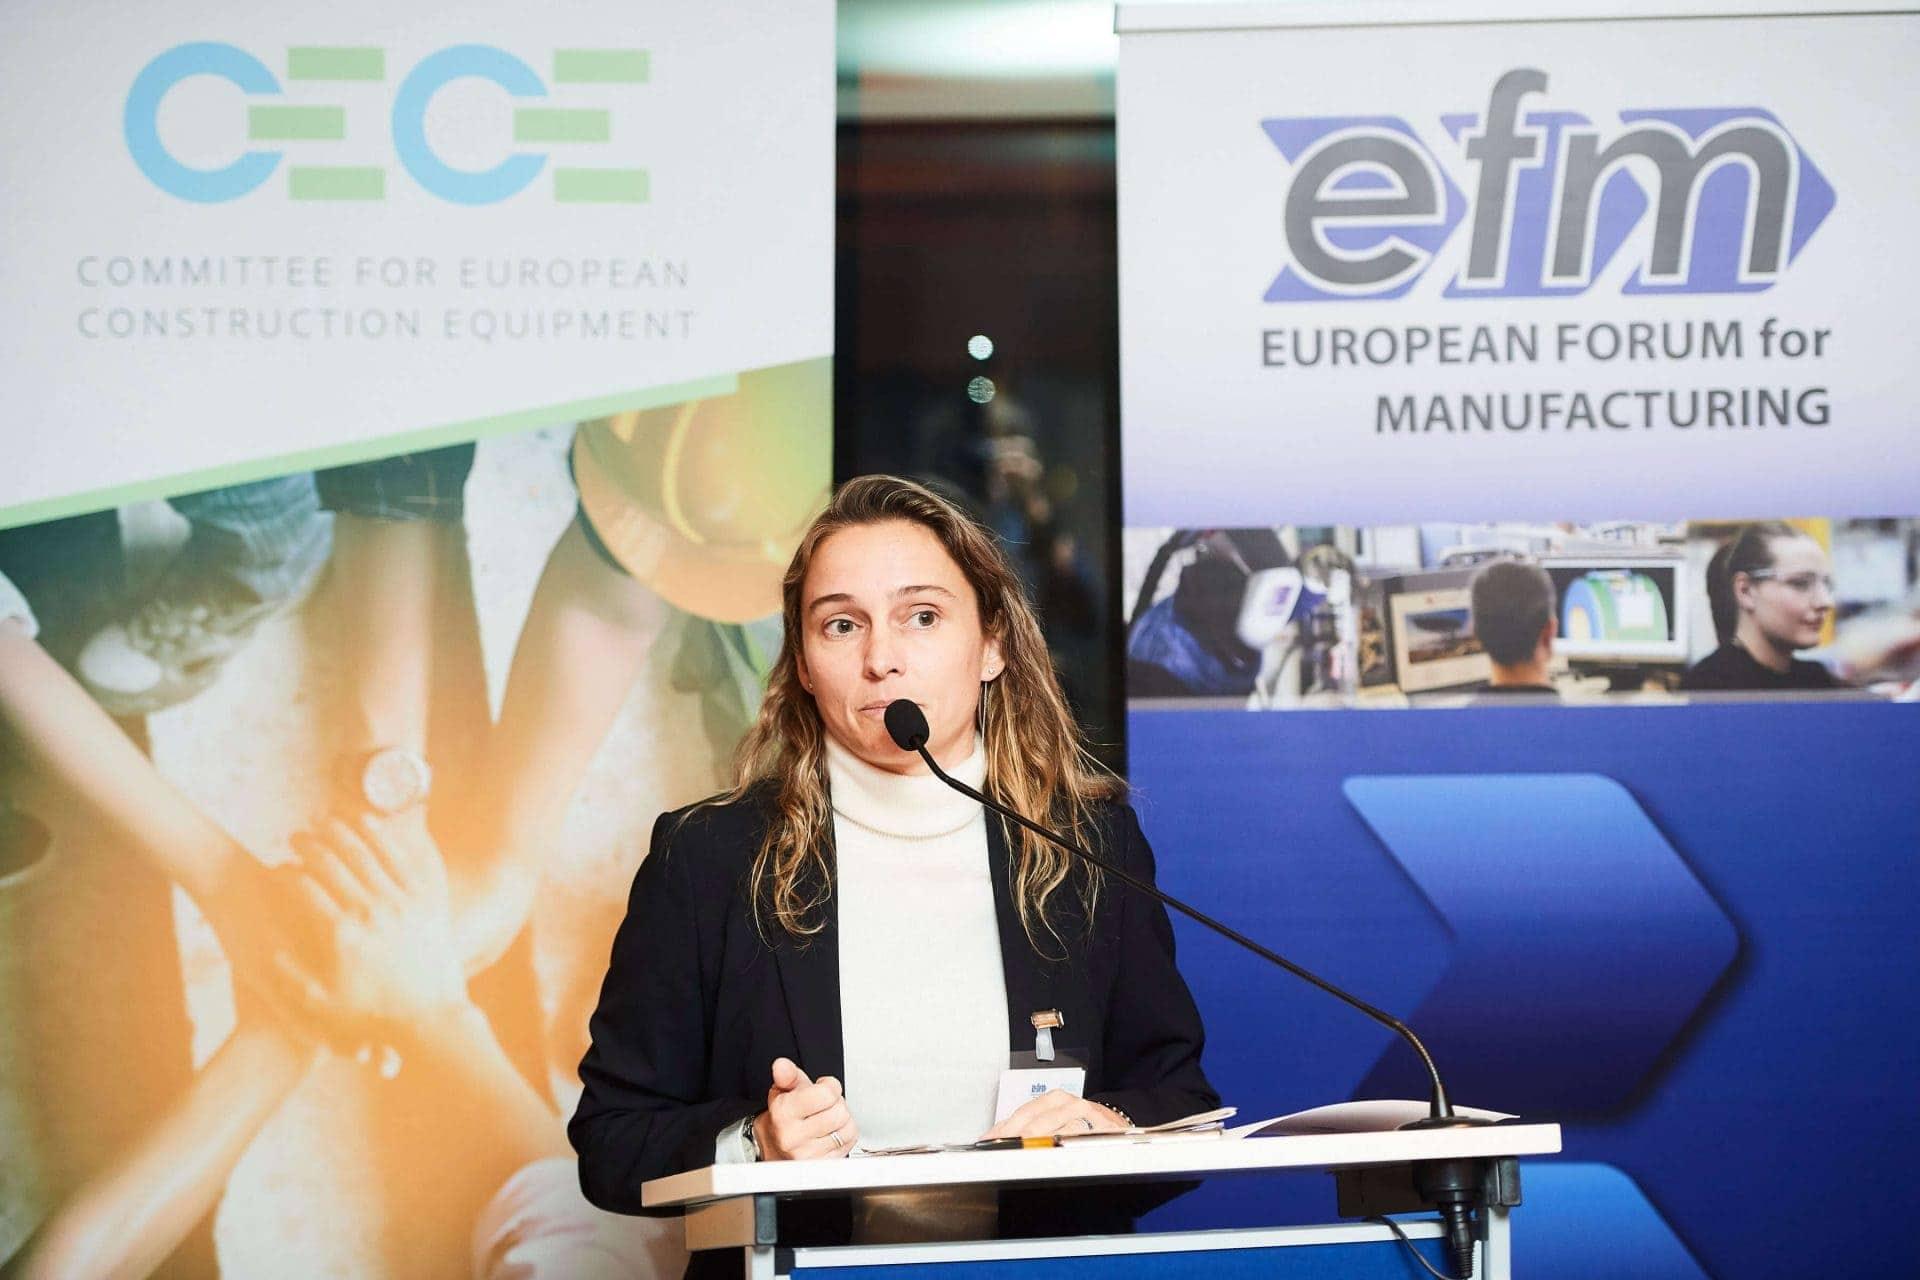 Laura Tordera de Ferrovial Agroman en el debate sobre digitalización en el sector de la construción